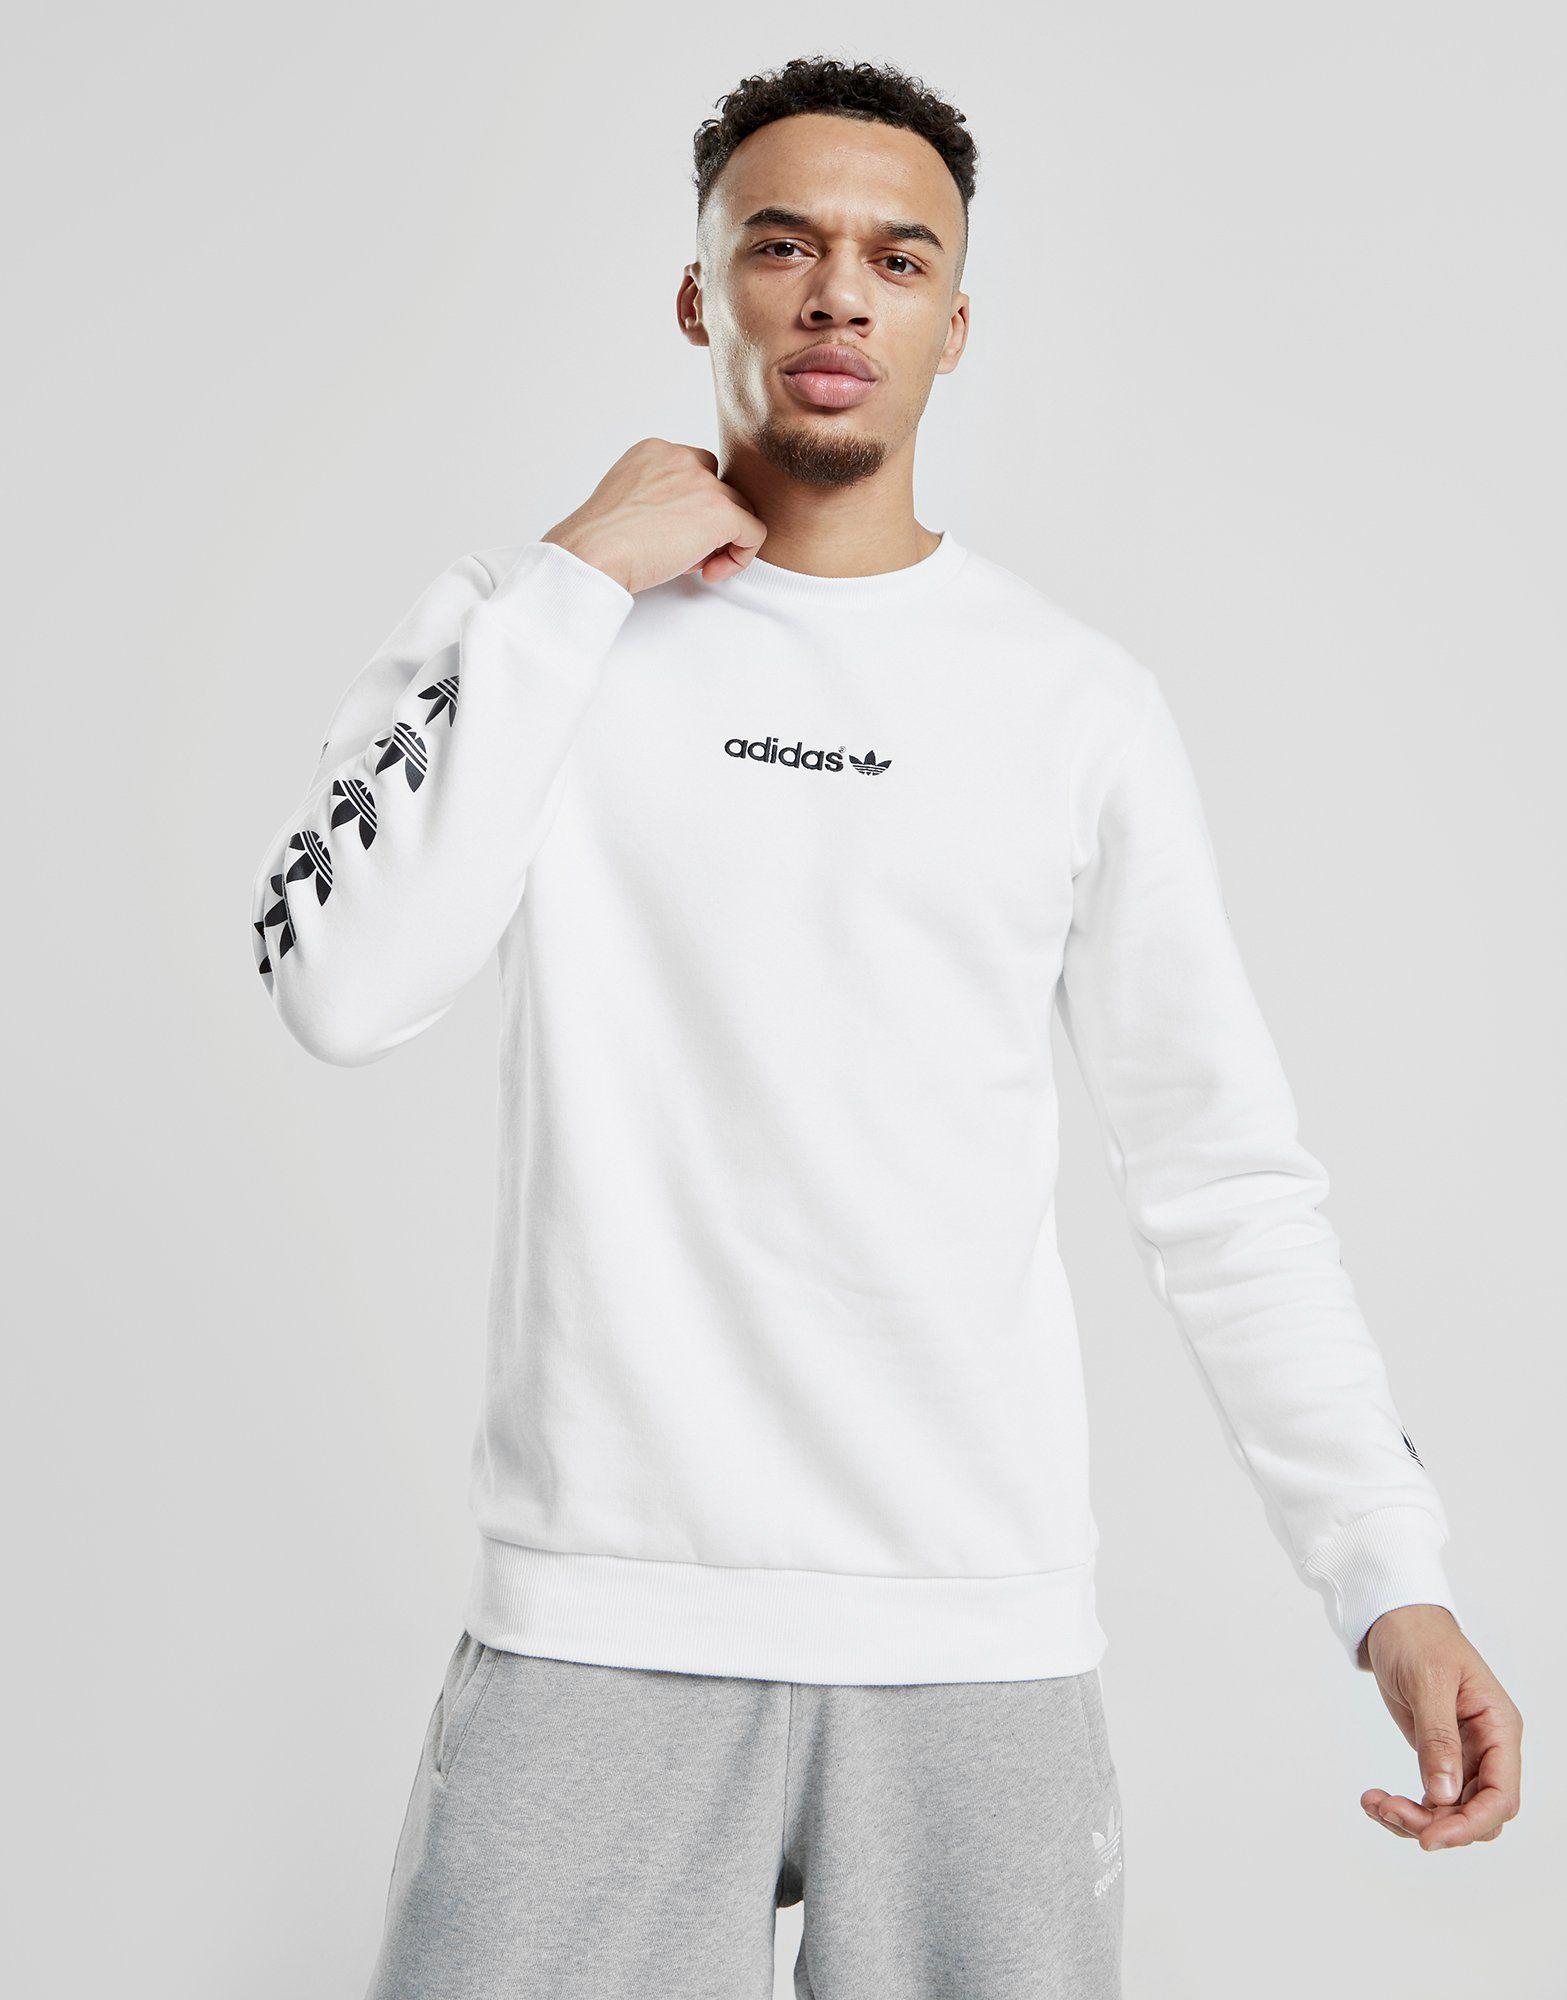 6b3f4ab6 adidas Originals Tape QQR Crew Sweatshirt   JD Sports